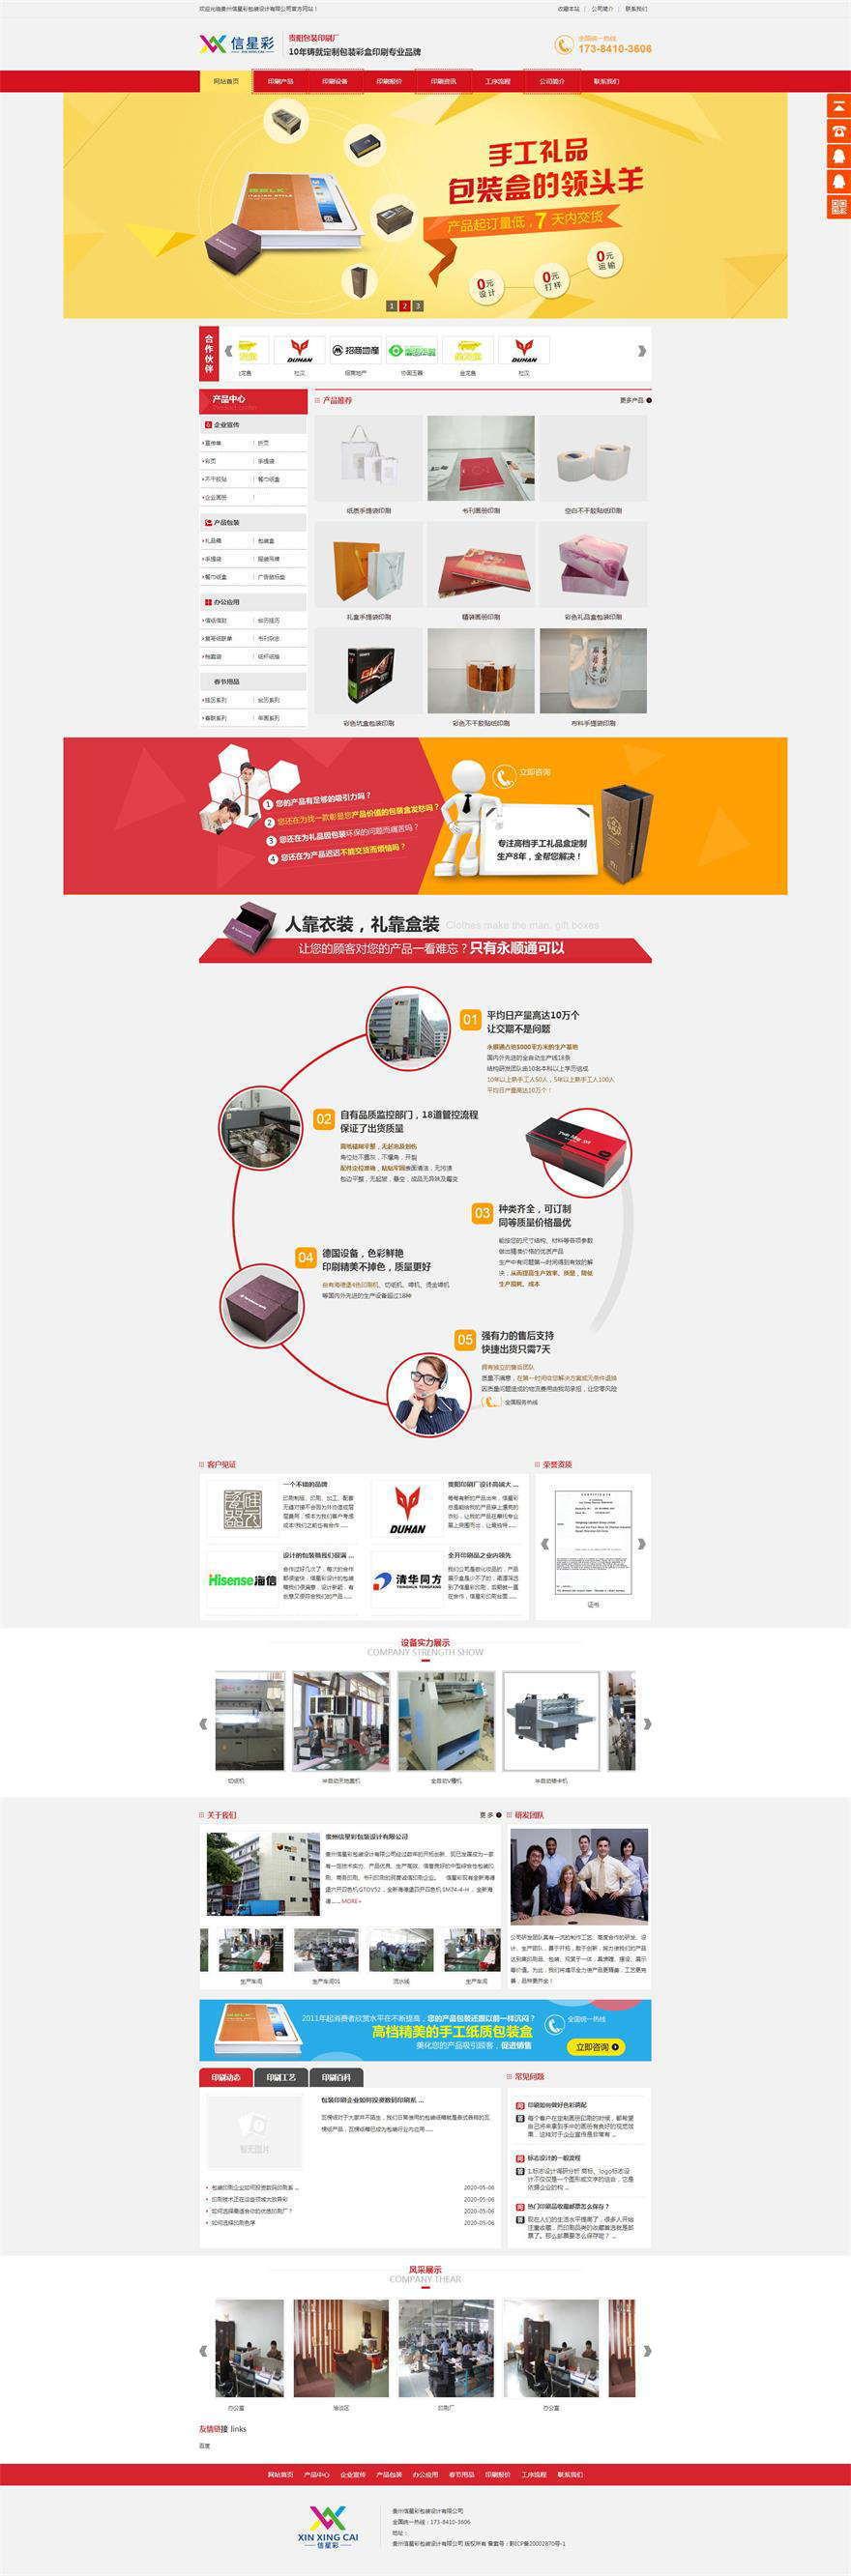 贵阳印刷厂-贵阳画册包装印刷-贵州信星彩包装设计有限公司_看图王_看图王